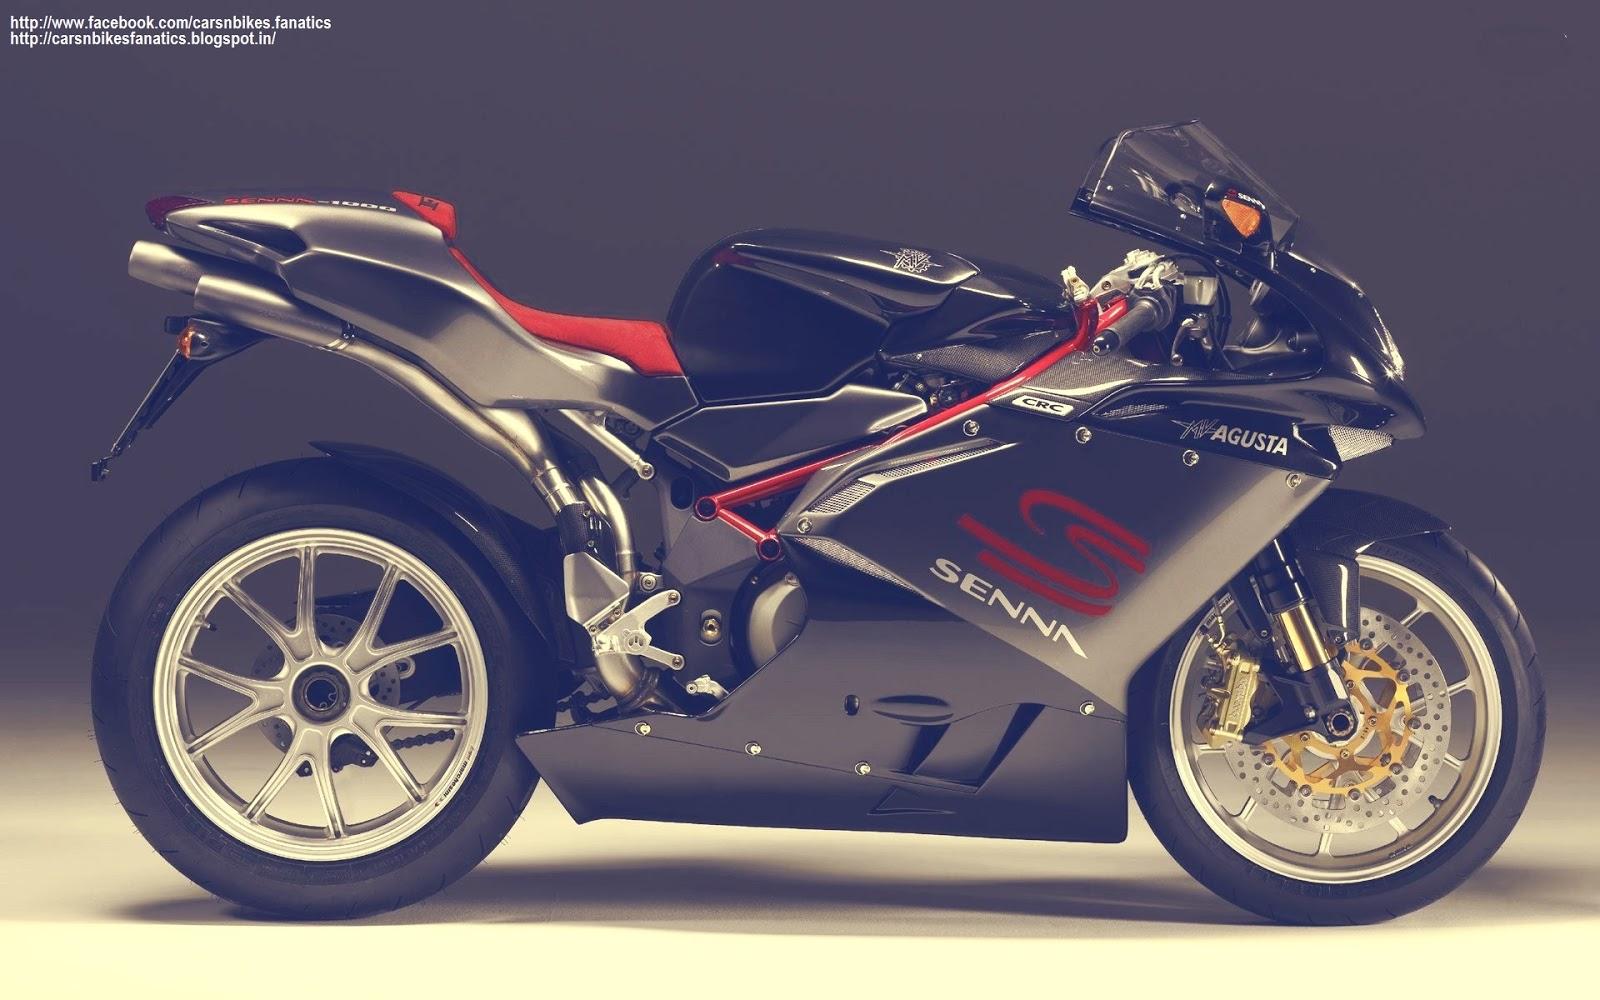 Car & Bike Fanatics: MV Agusta F4 Wallpaper